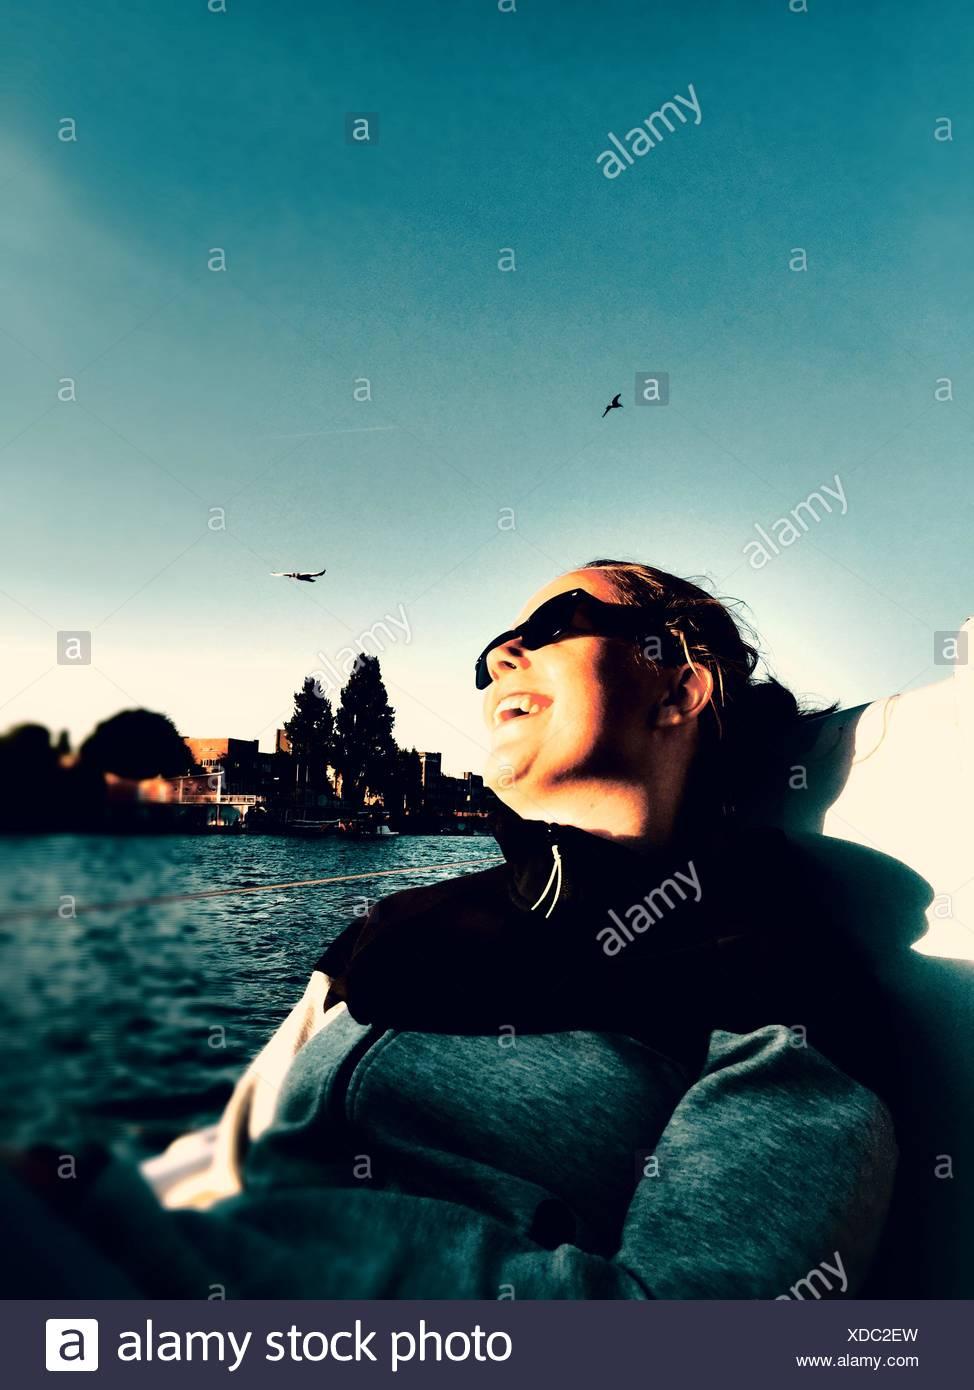 Basso Angolo di visione della donna seduta nel recipiente nautico presso il River Immagini Stock